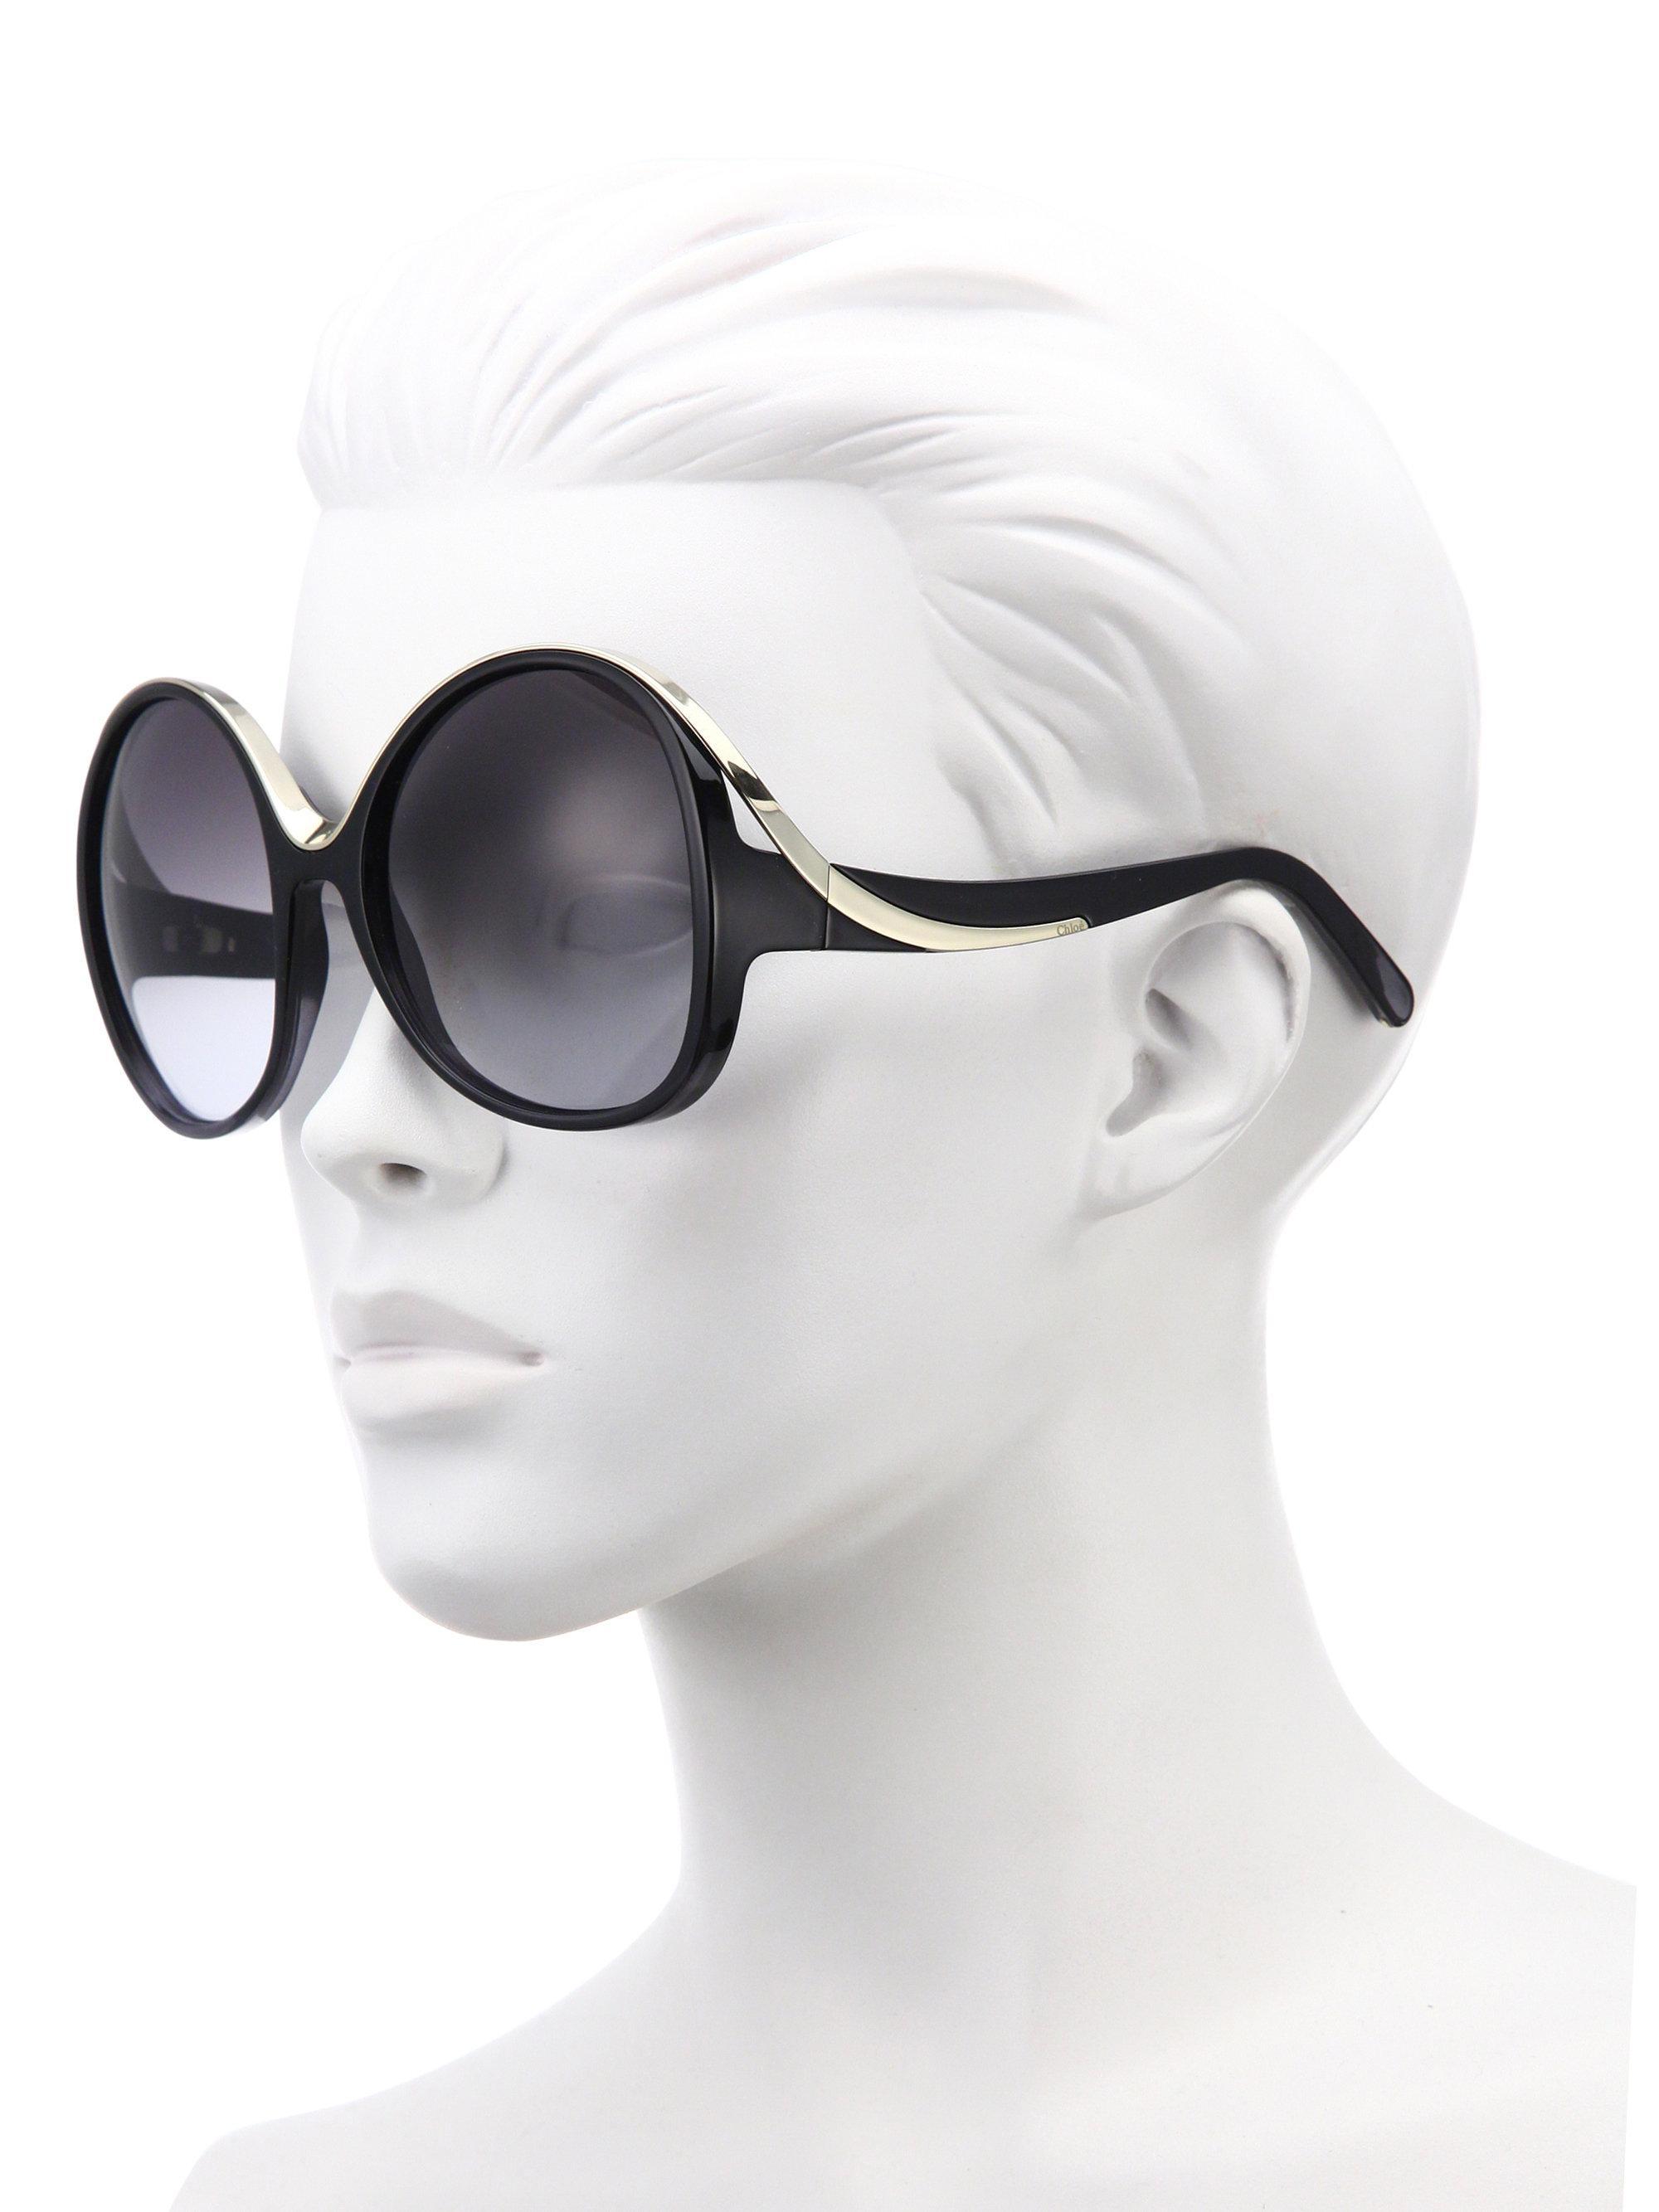 Mandy sunglasses Chlo kiLXZRas0y